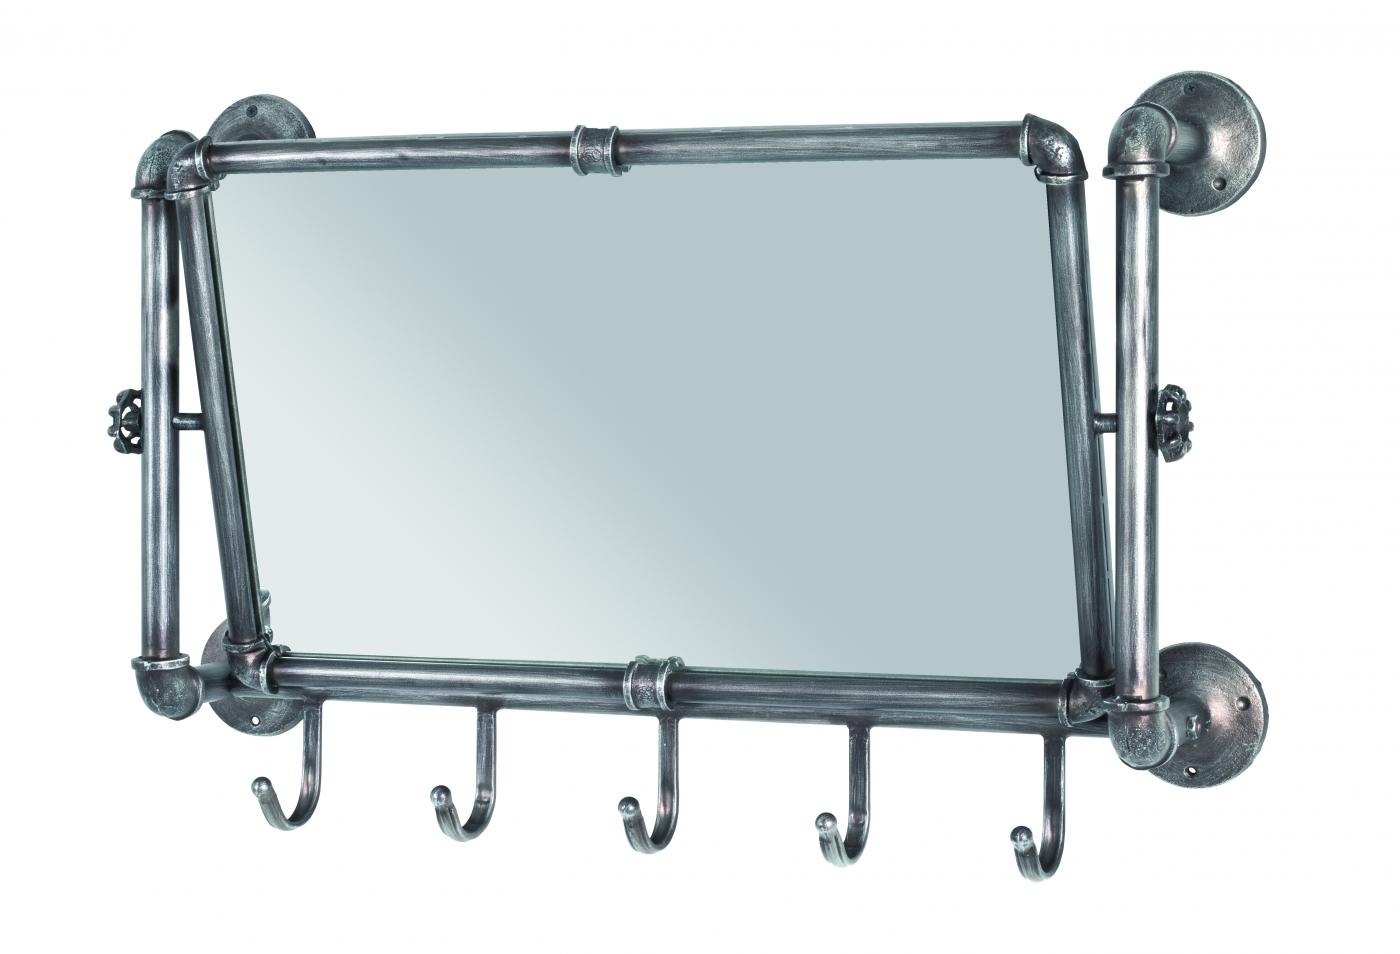 Nástěnné zrcadlo s háčky Aleca, 45 cm, antracitová